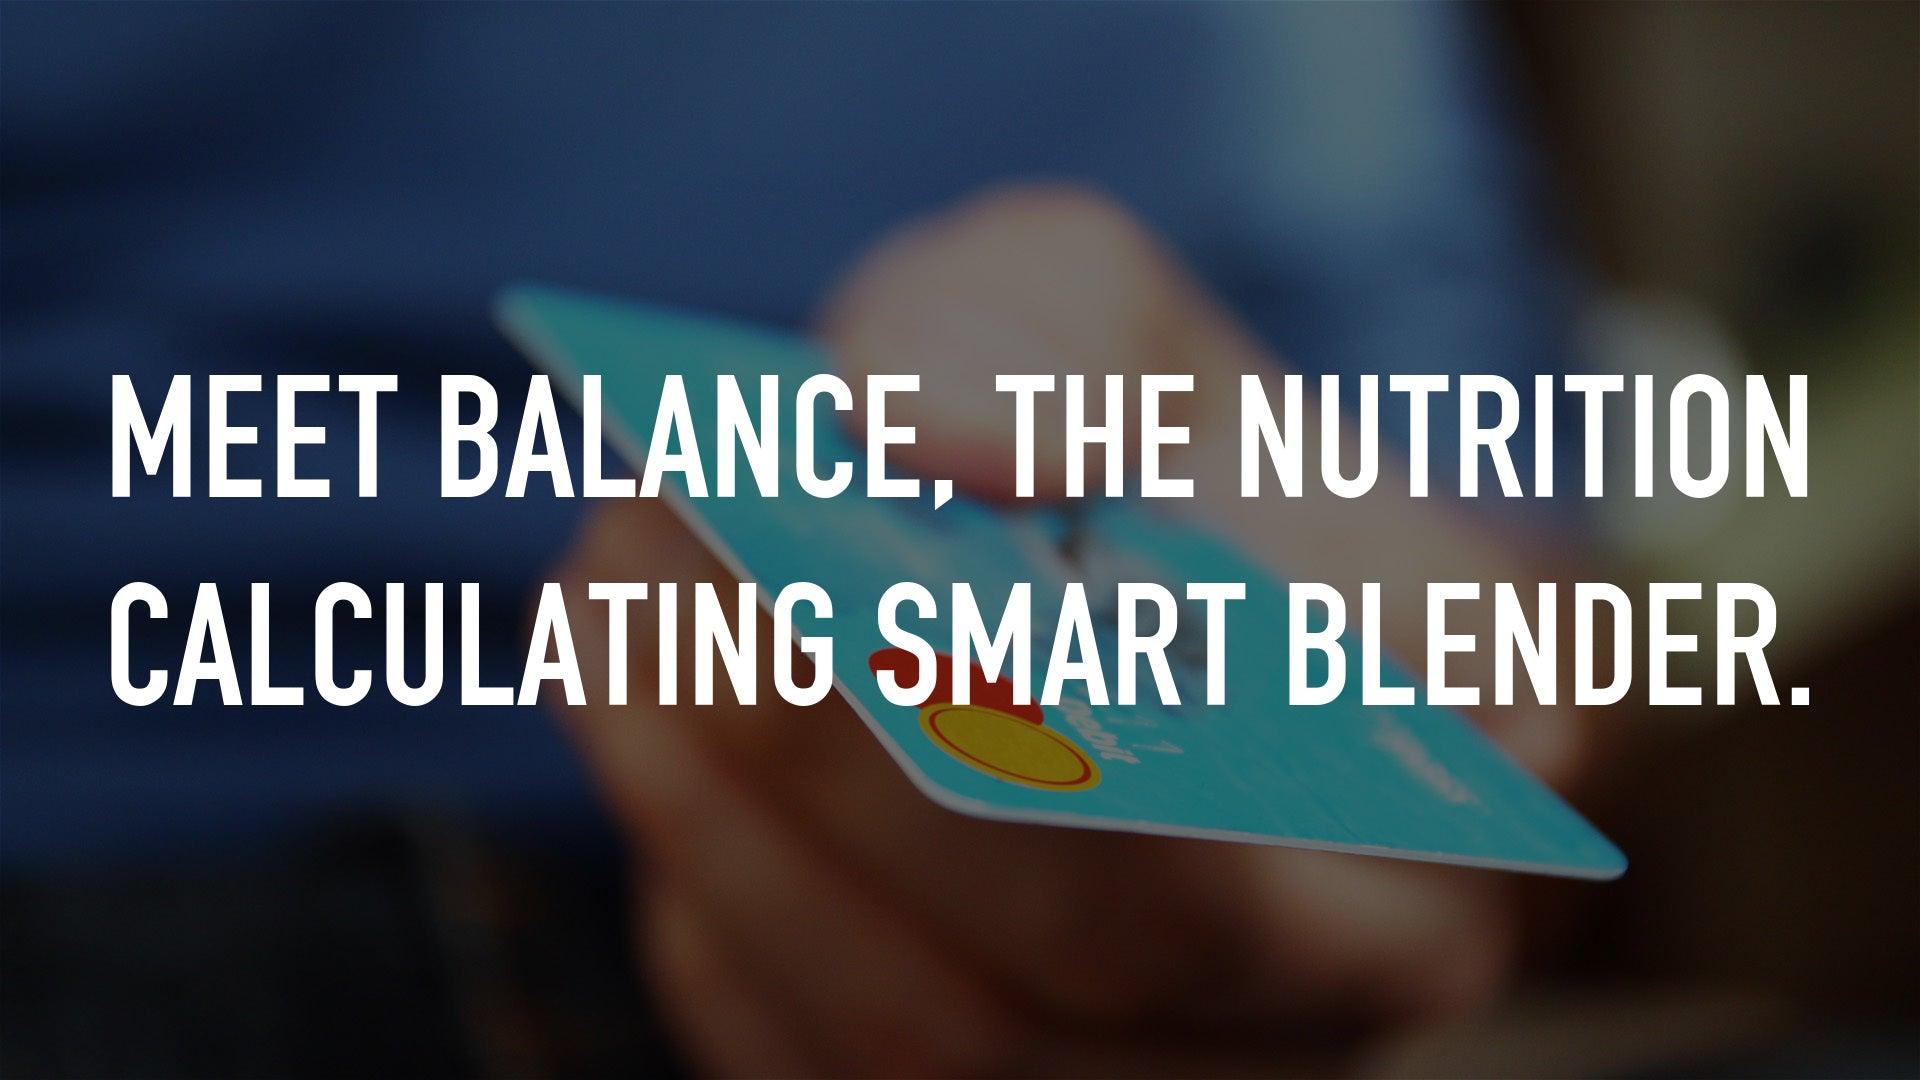 Meet Balance, the nutrition calculating smart blender.